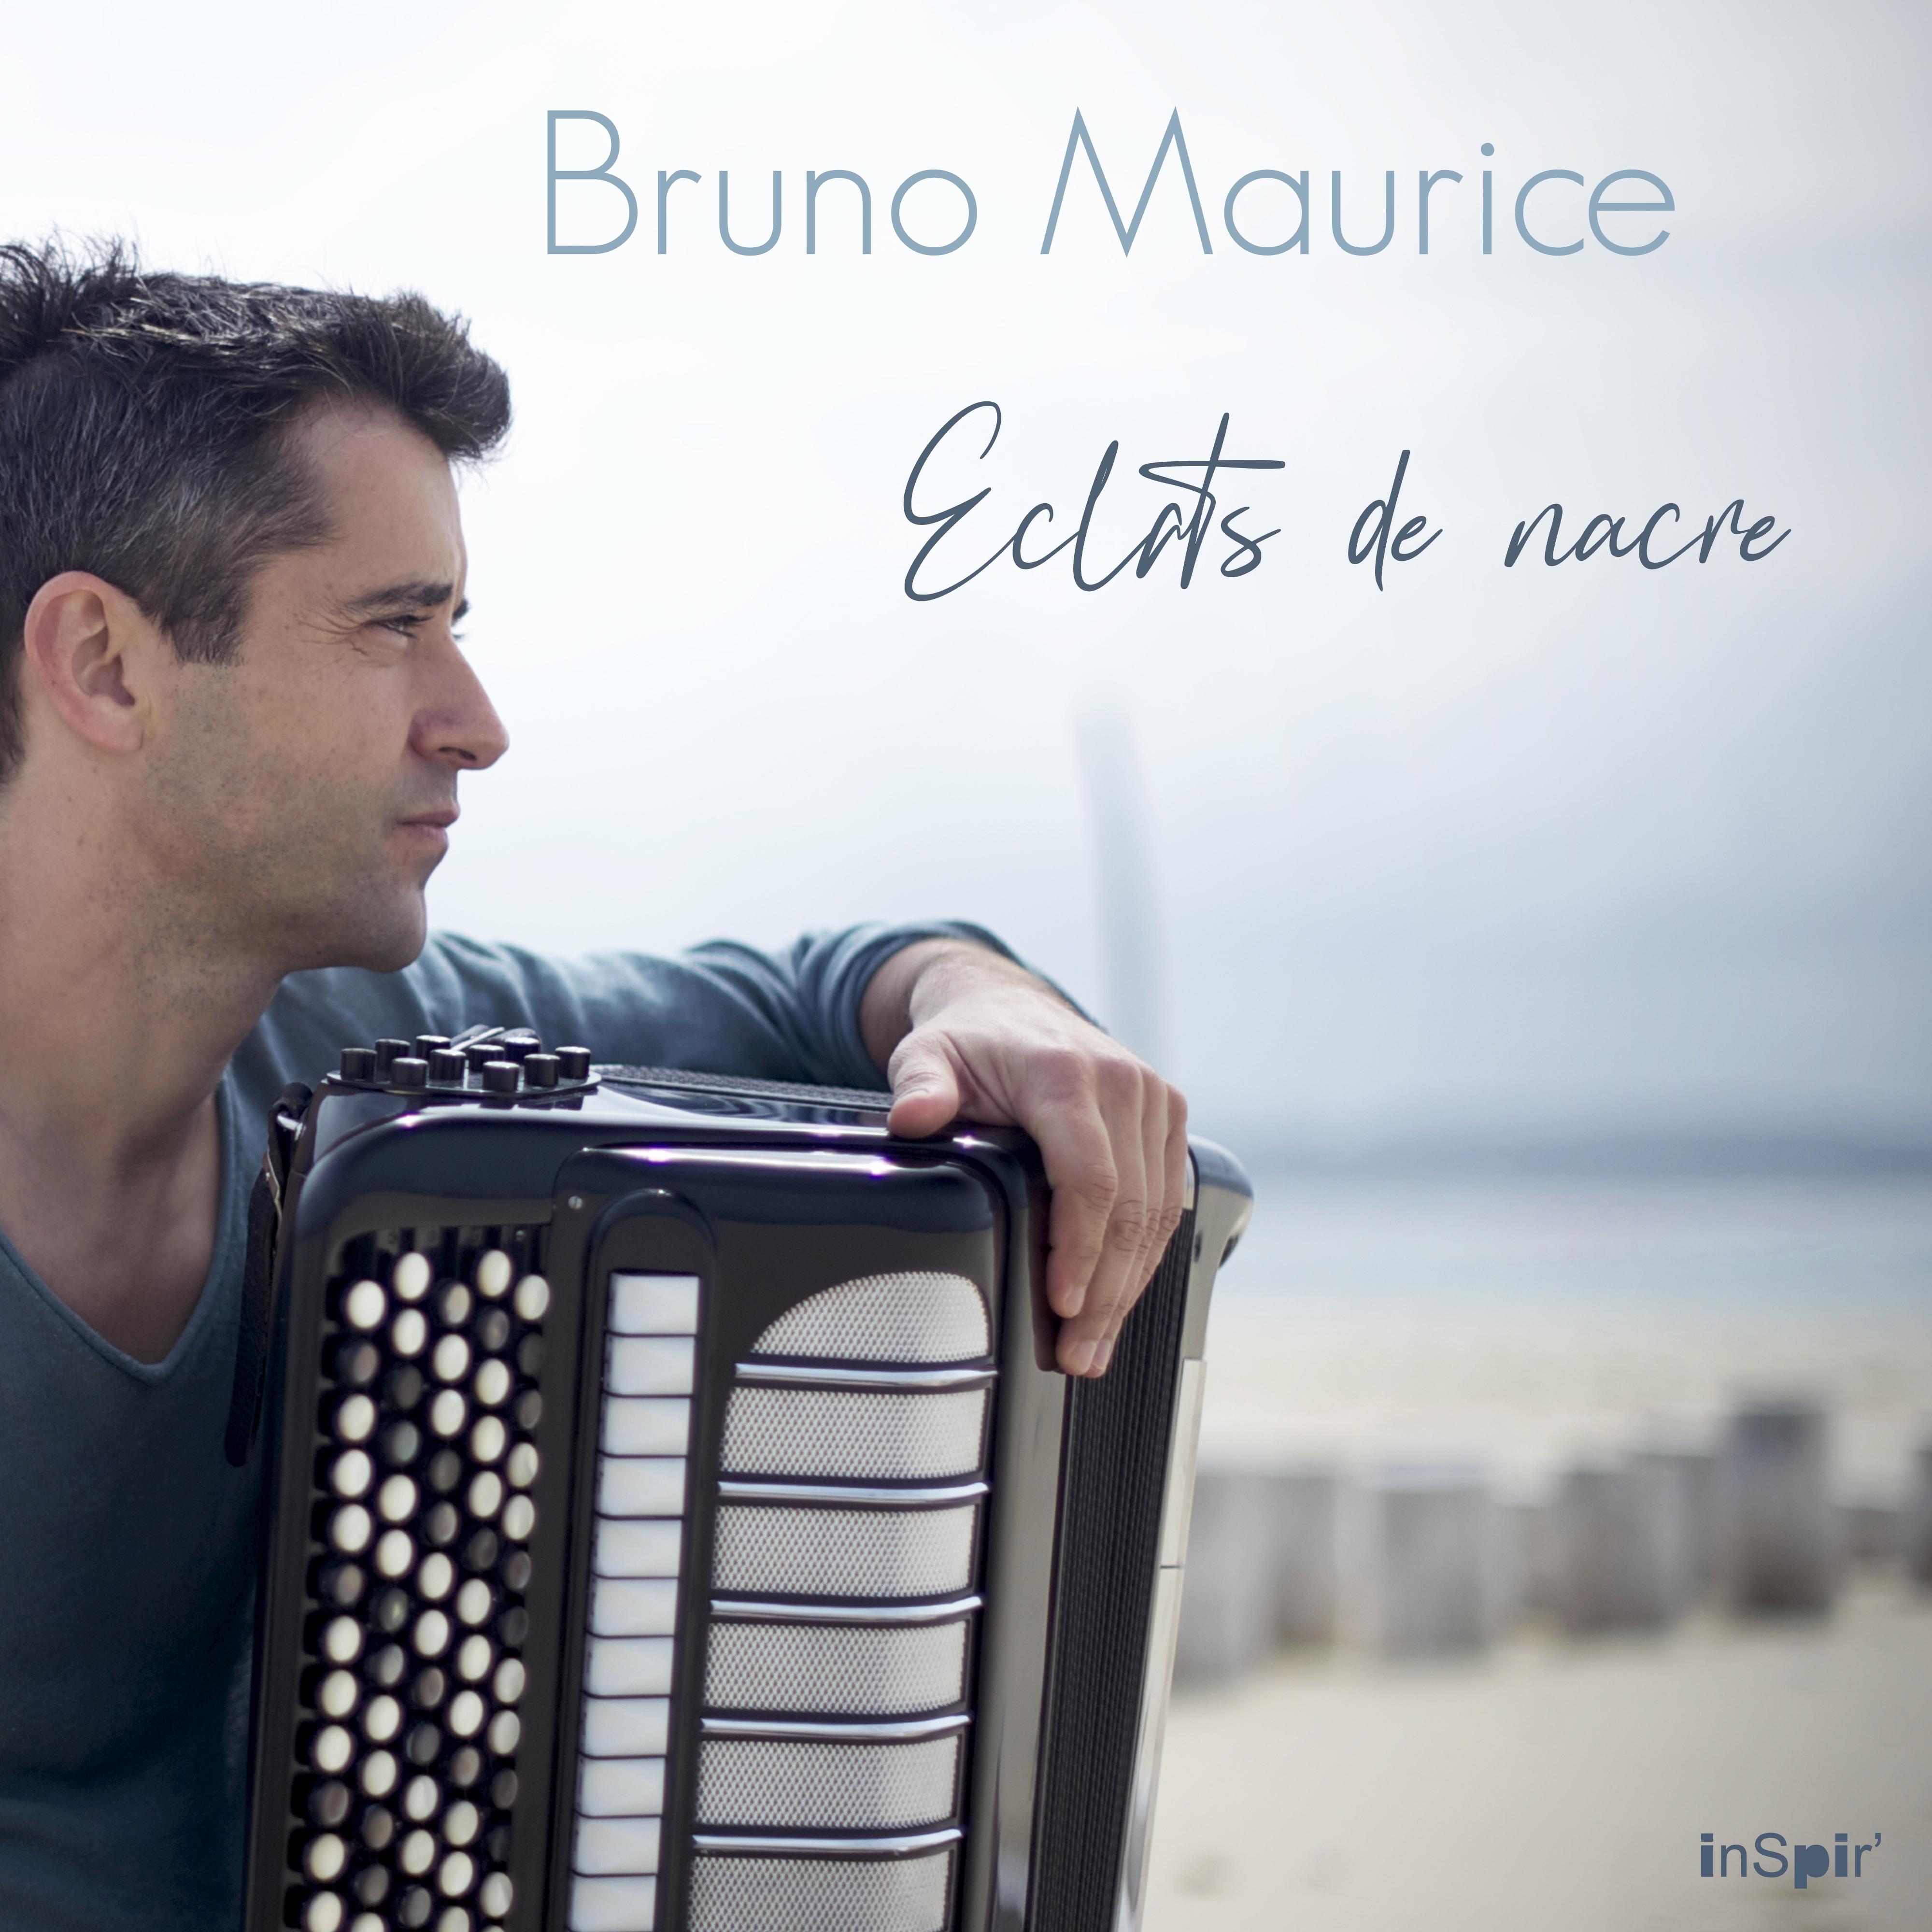 Bruno Maurice, éclats de nacre